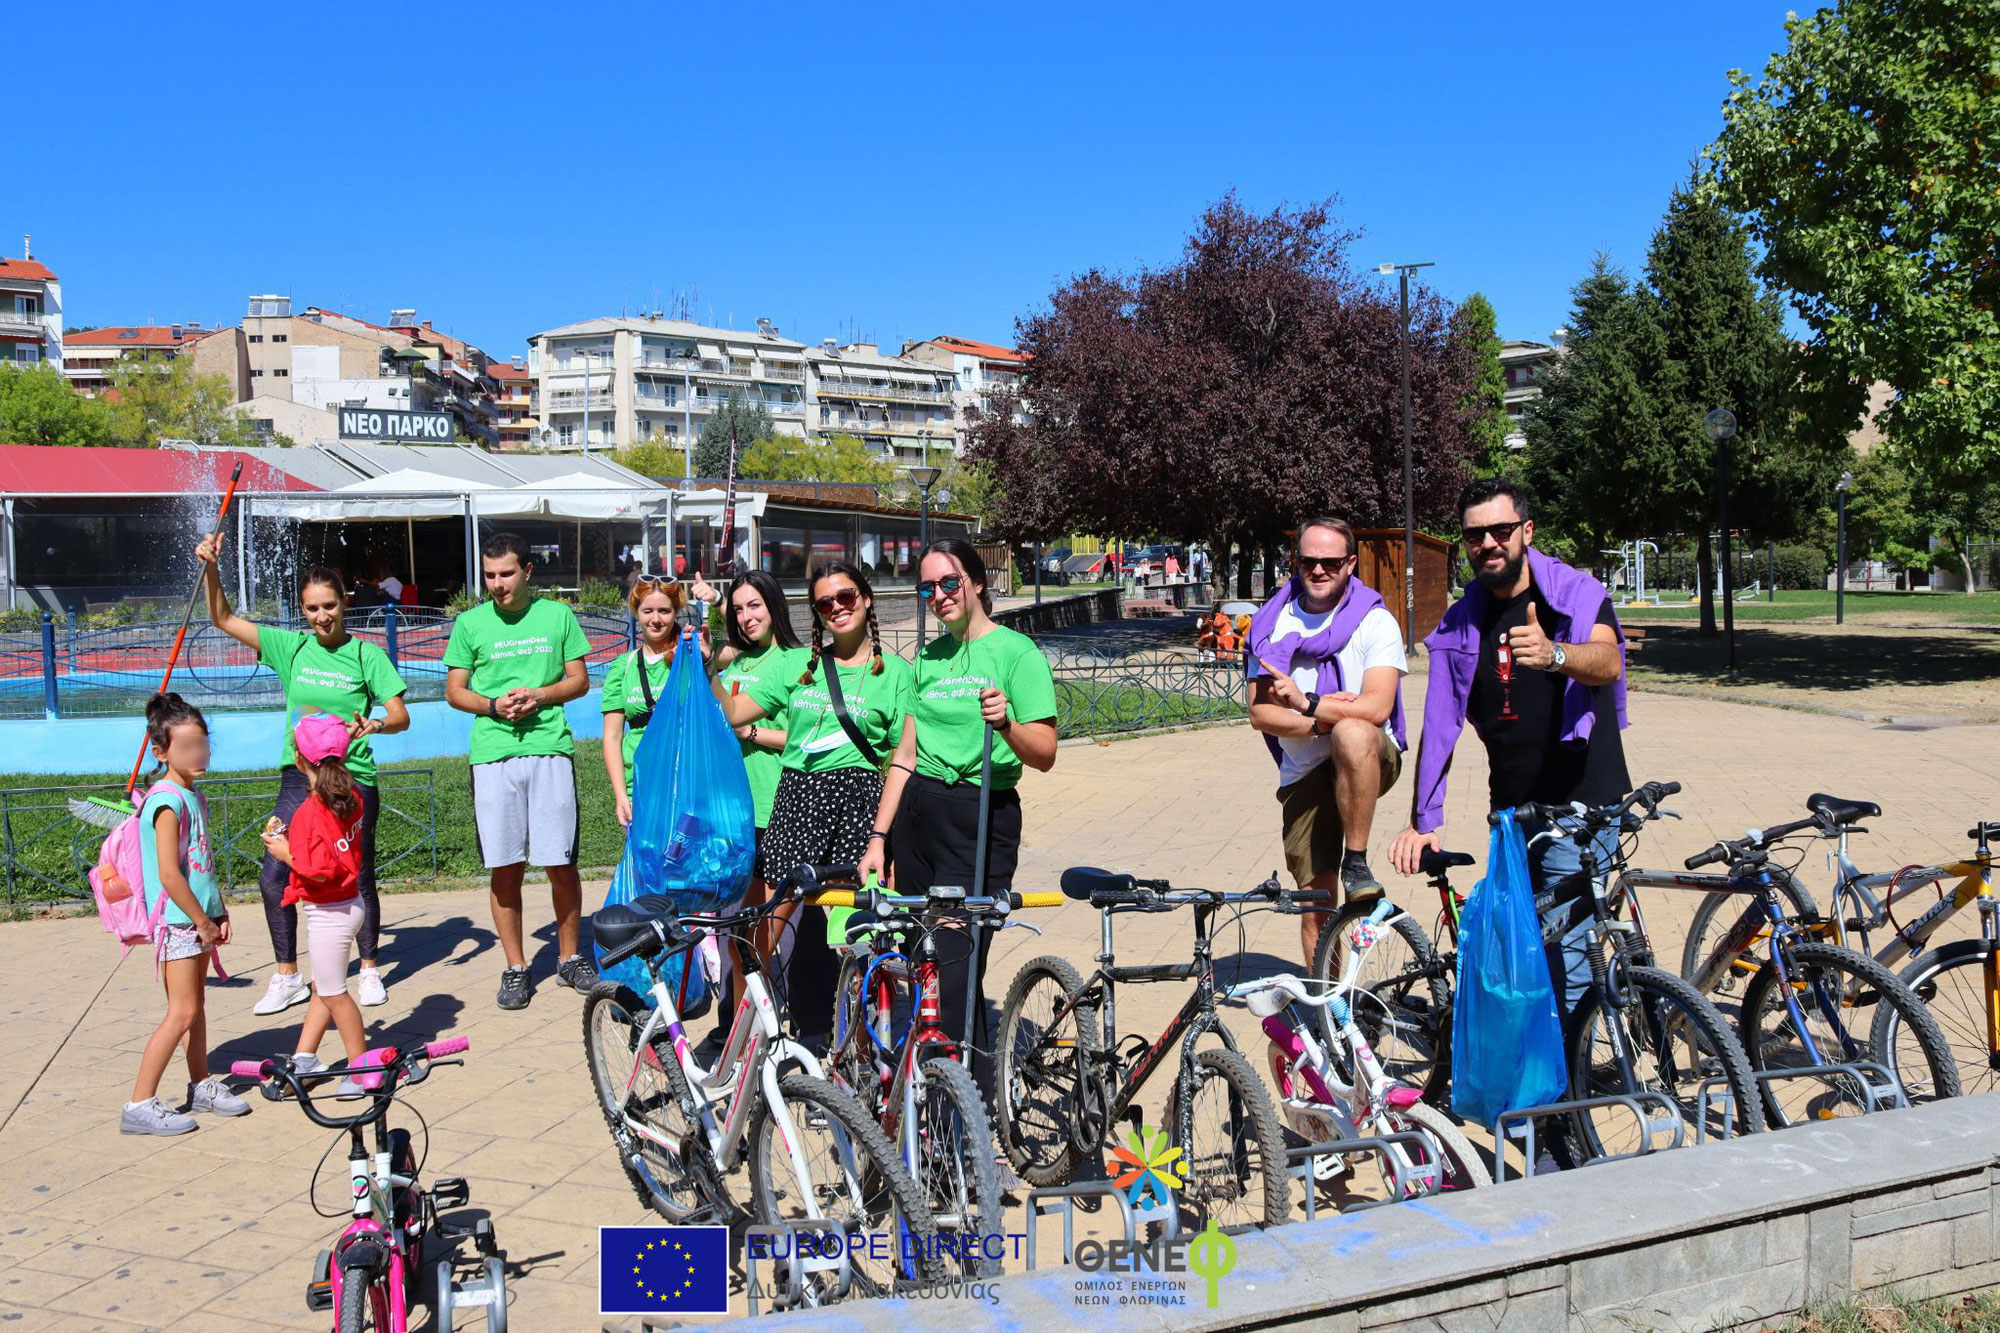 Ποδηλατική εξόρμηση και εξωραϊσμός του Νέου Πάρκου Φλώρινας από το Europe Direct Δυτικής Μακεδονίας - Ευρωπαϊκή Εβδομάδα Κινητικότητας 2021